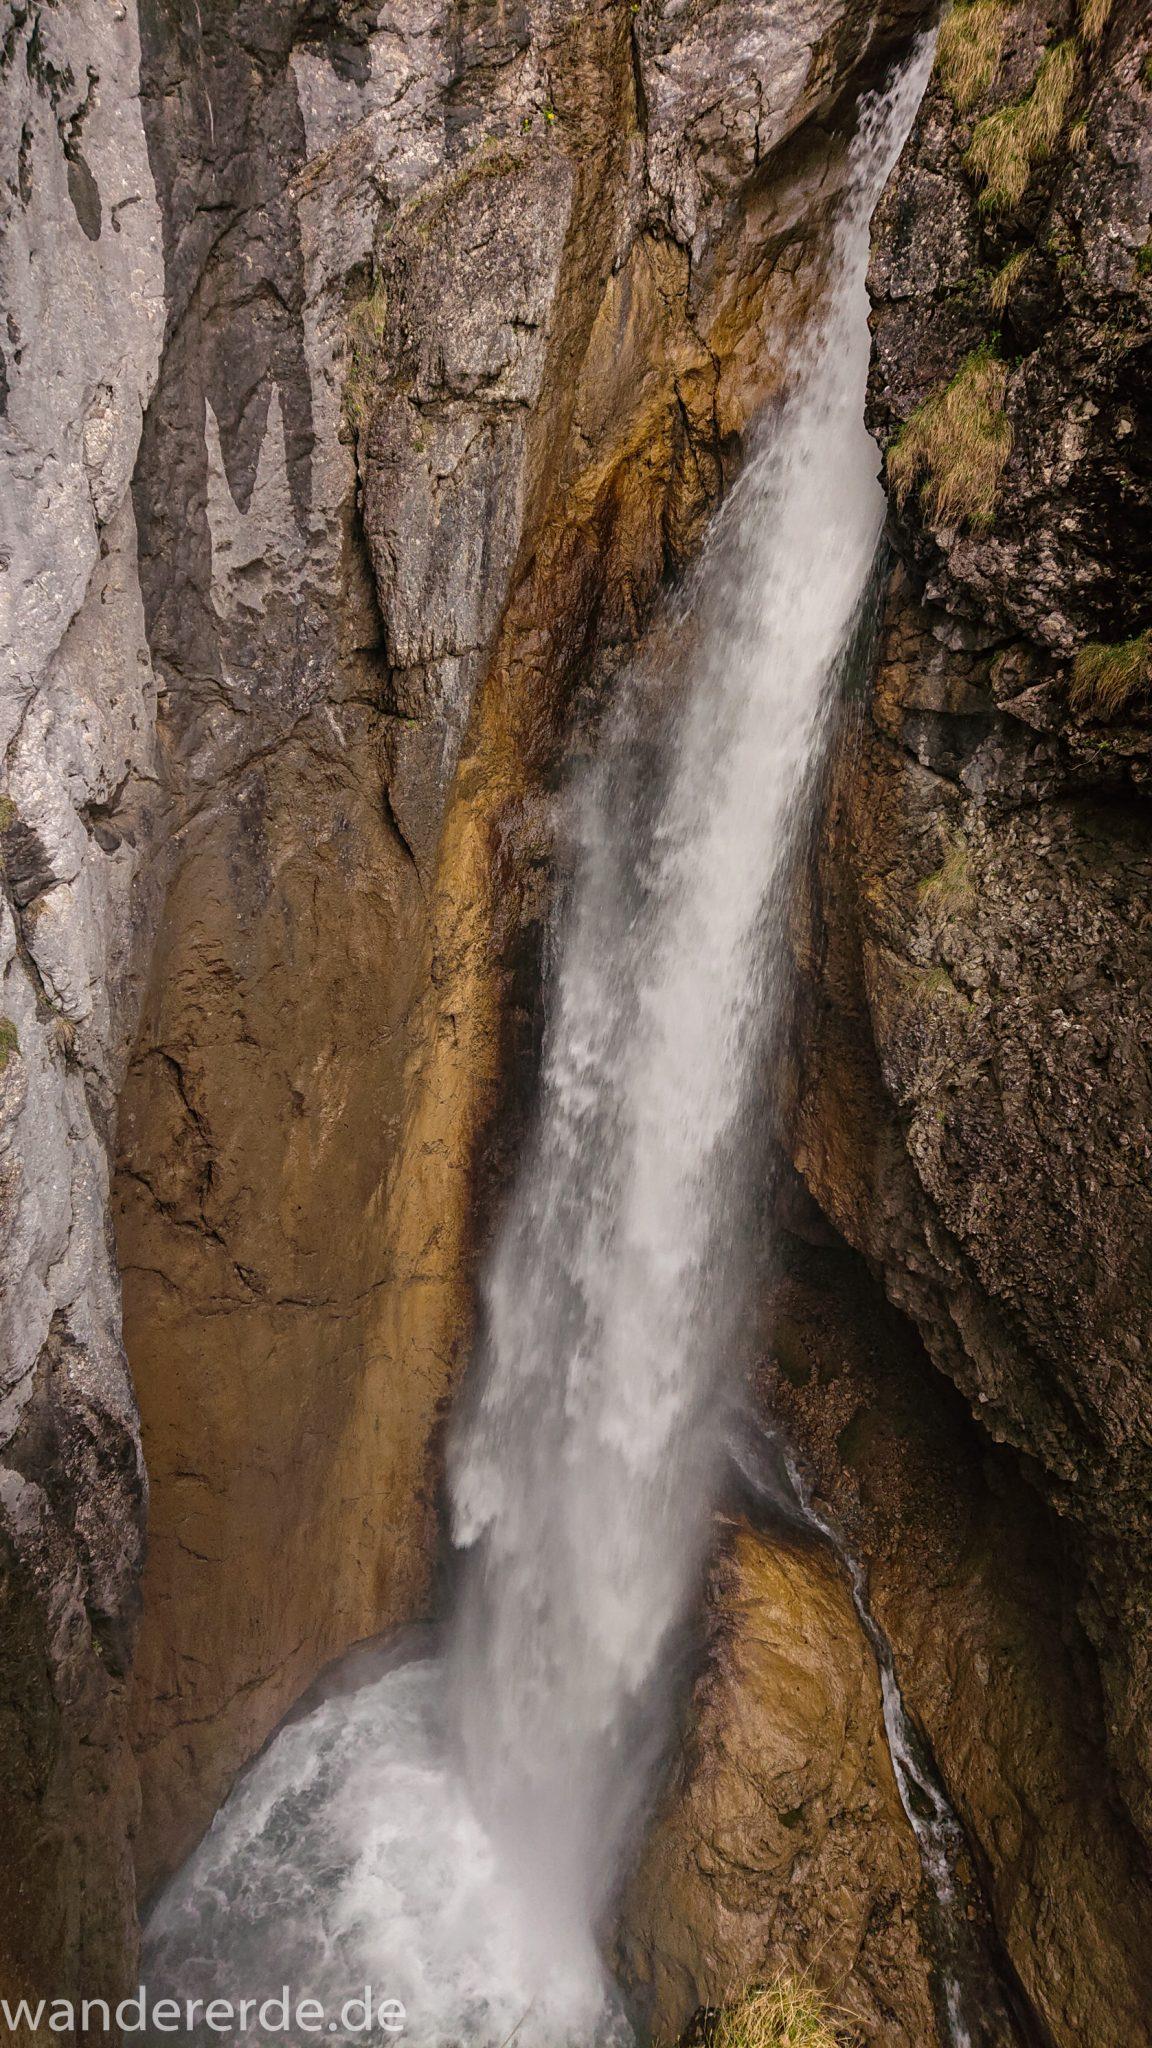 Wanderung Oberstdorf nach Gerstruben im Allgäu, Bayern, Wanderweg führt nach Bergbauerndorf Gerstruben über sehr empfehlenswerten aber steilen Weg Hölltobel mit Wasserfällen wieder abwärts